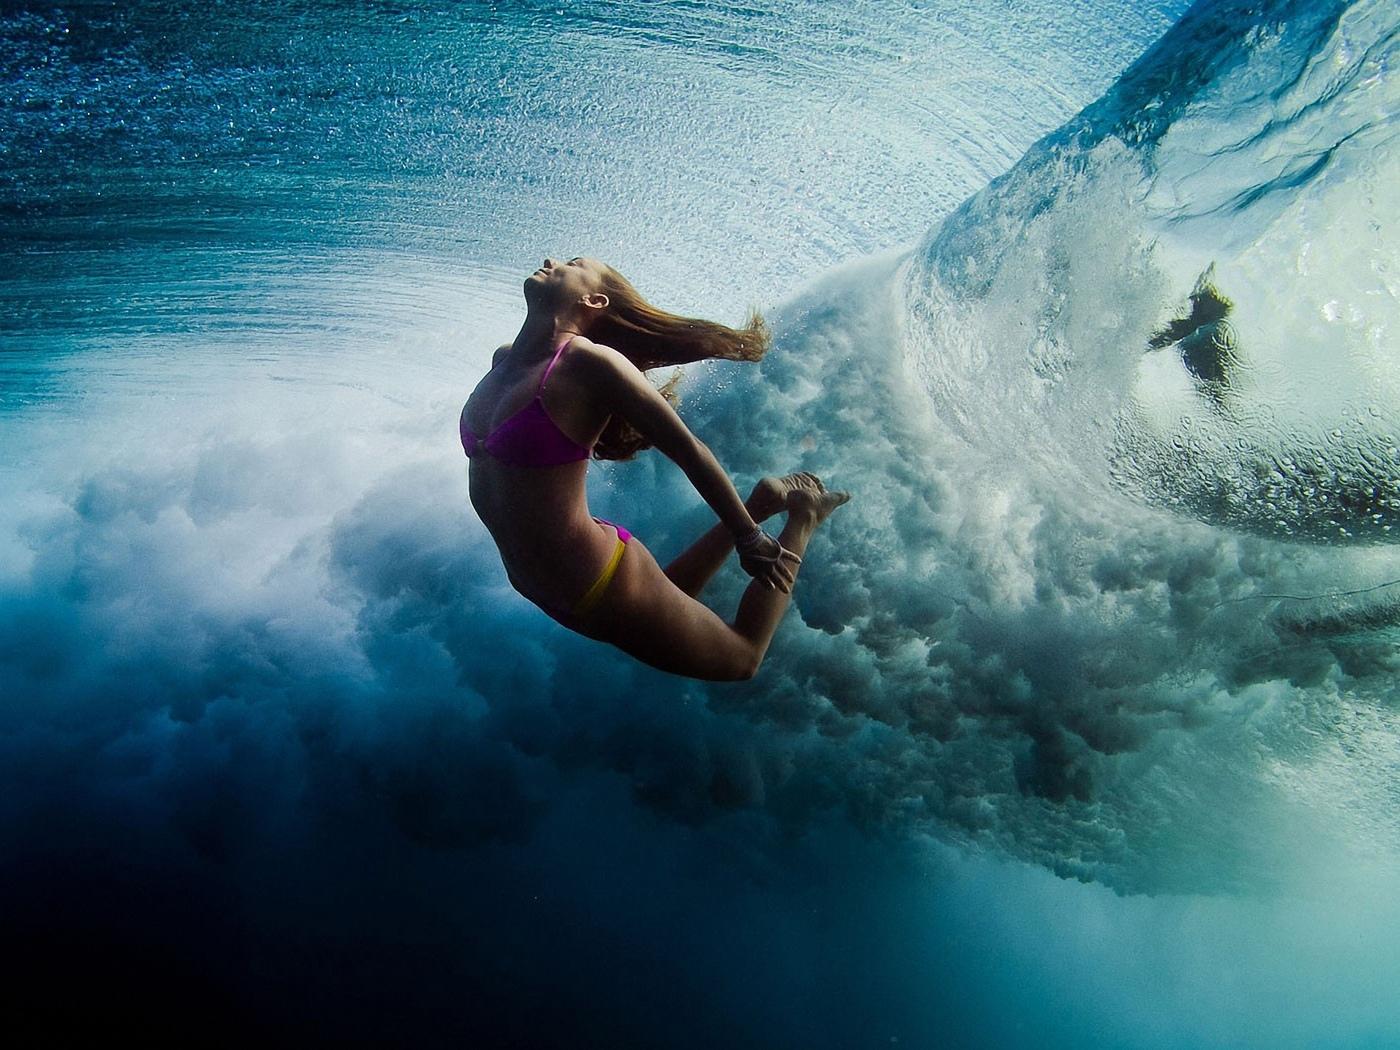 девушка, волна, под водой